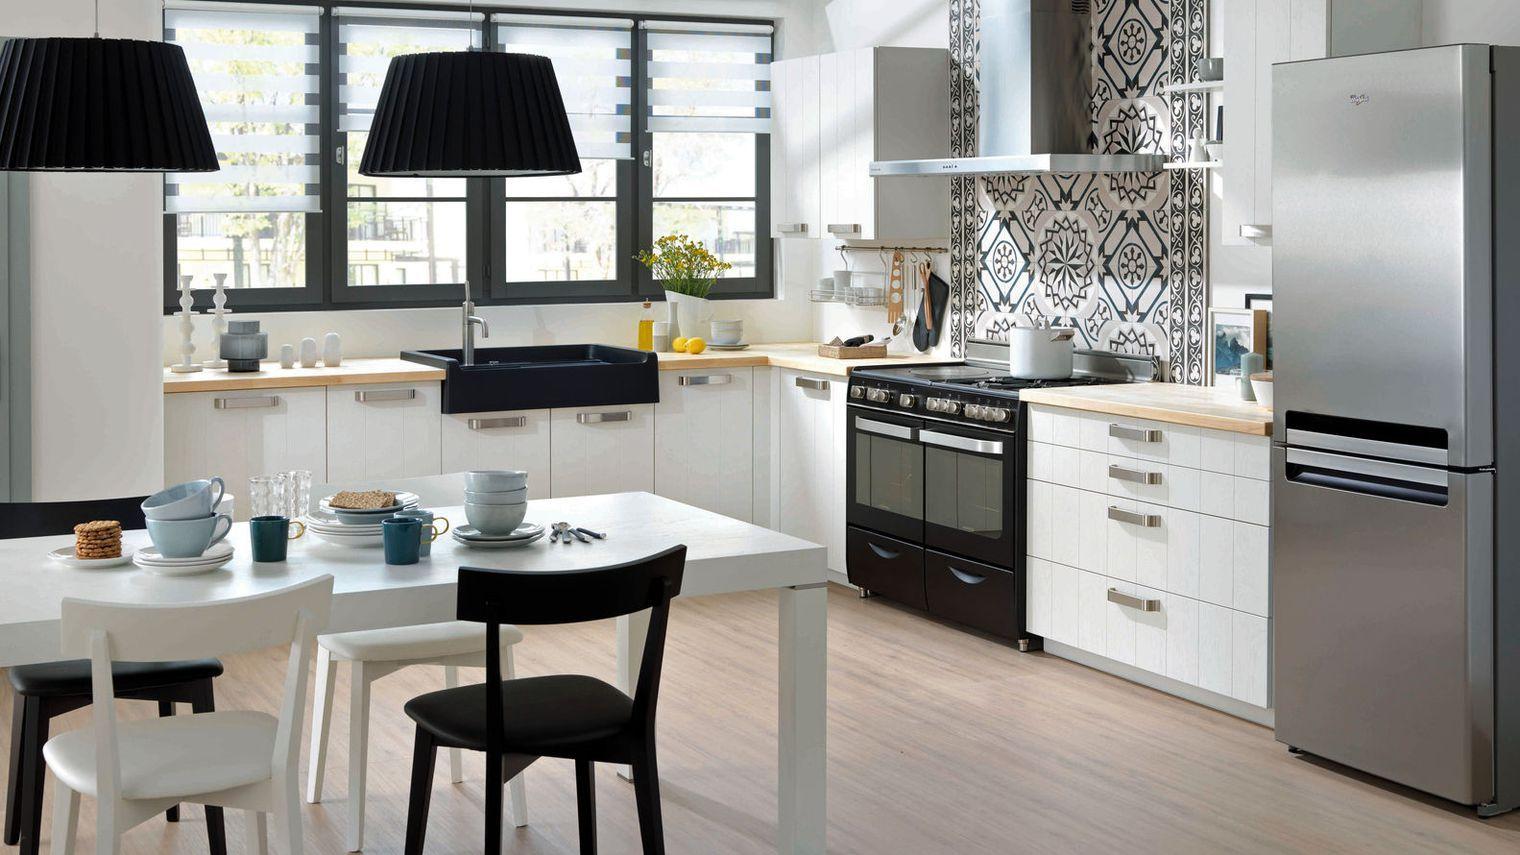 Cuisine Schmidt Noir Et Blanc Moderne_4864985 Jpg 1520 855 Home